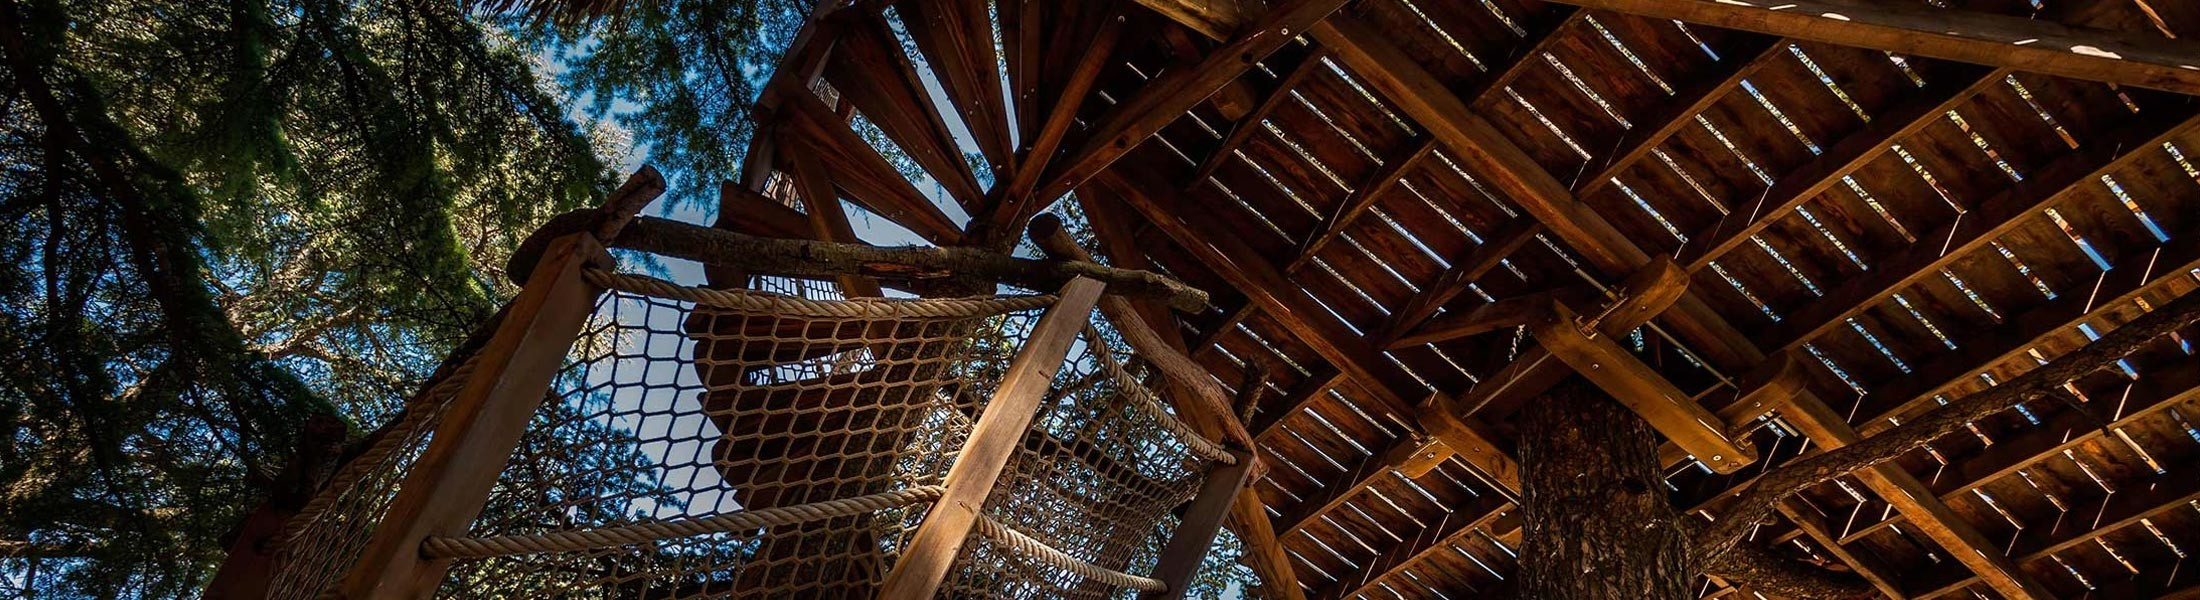 Header reservation disponibilite cabanes dans les arbres Montpellier